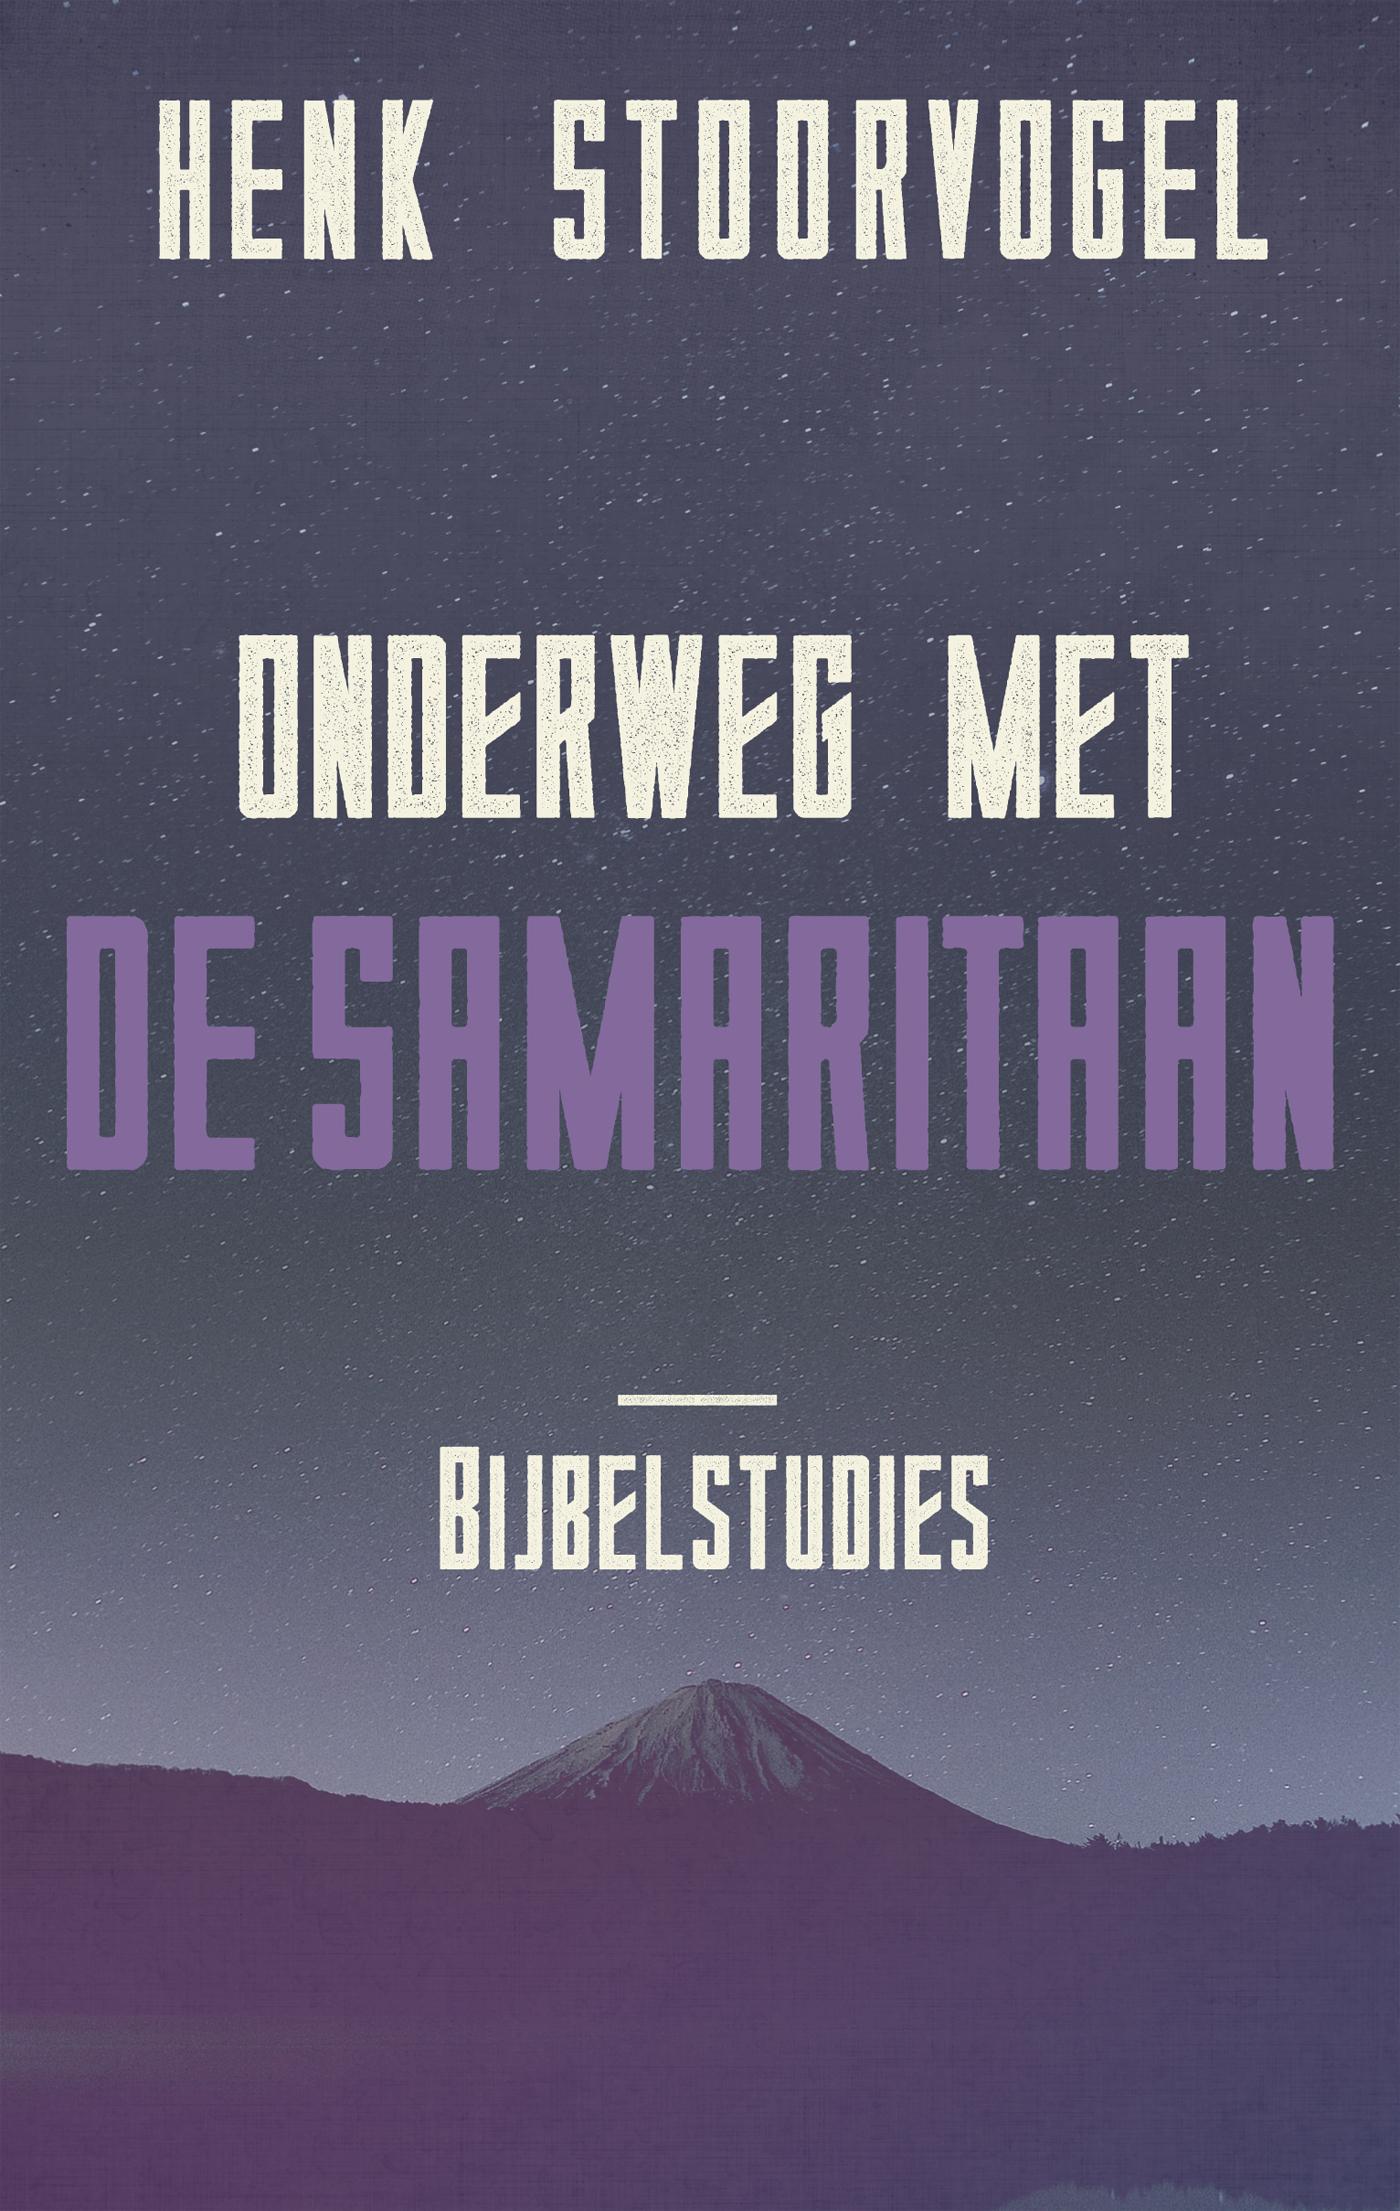 Onderweg met de Samaritaan